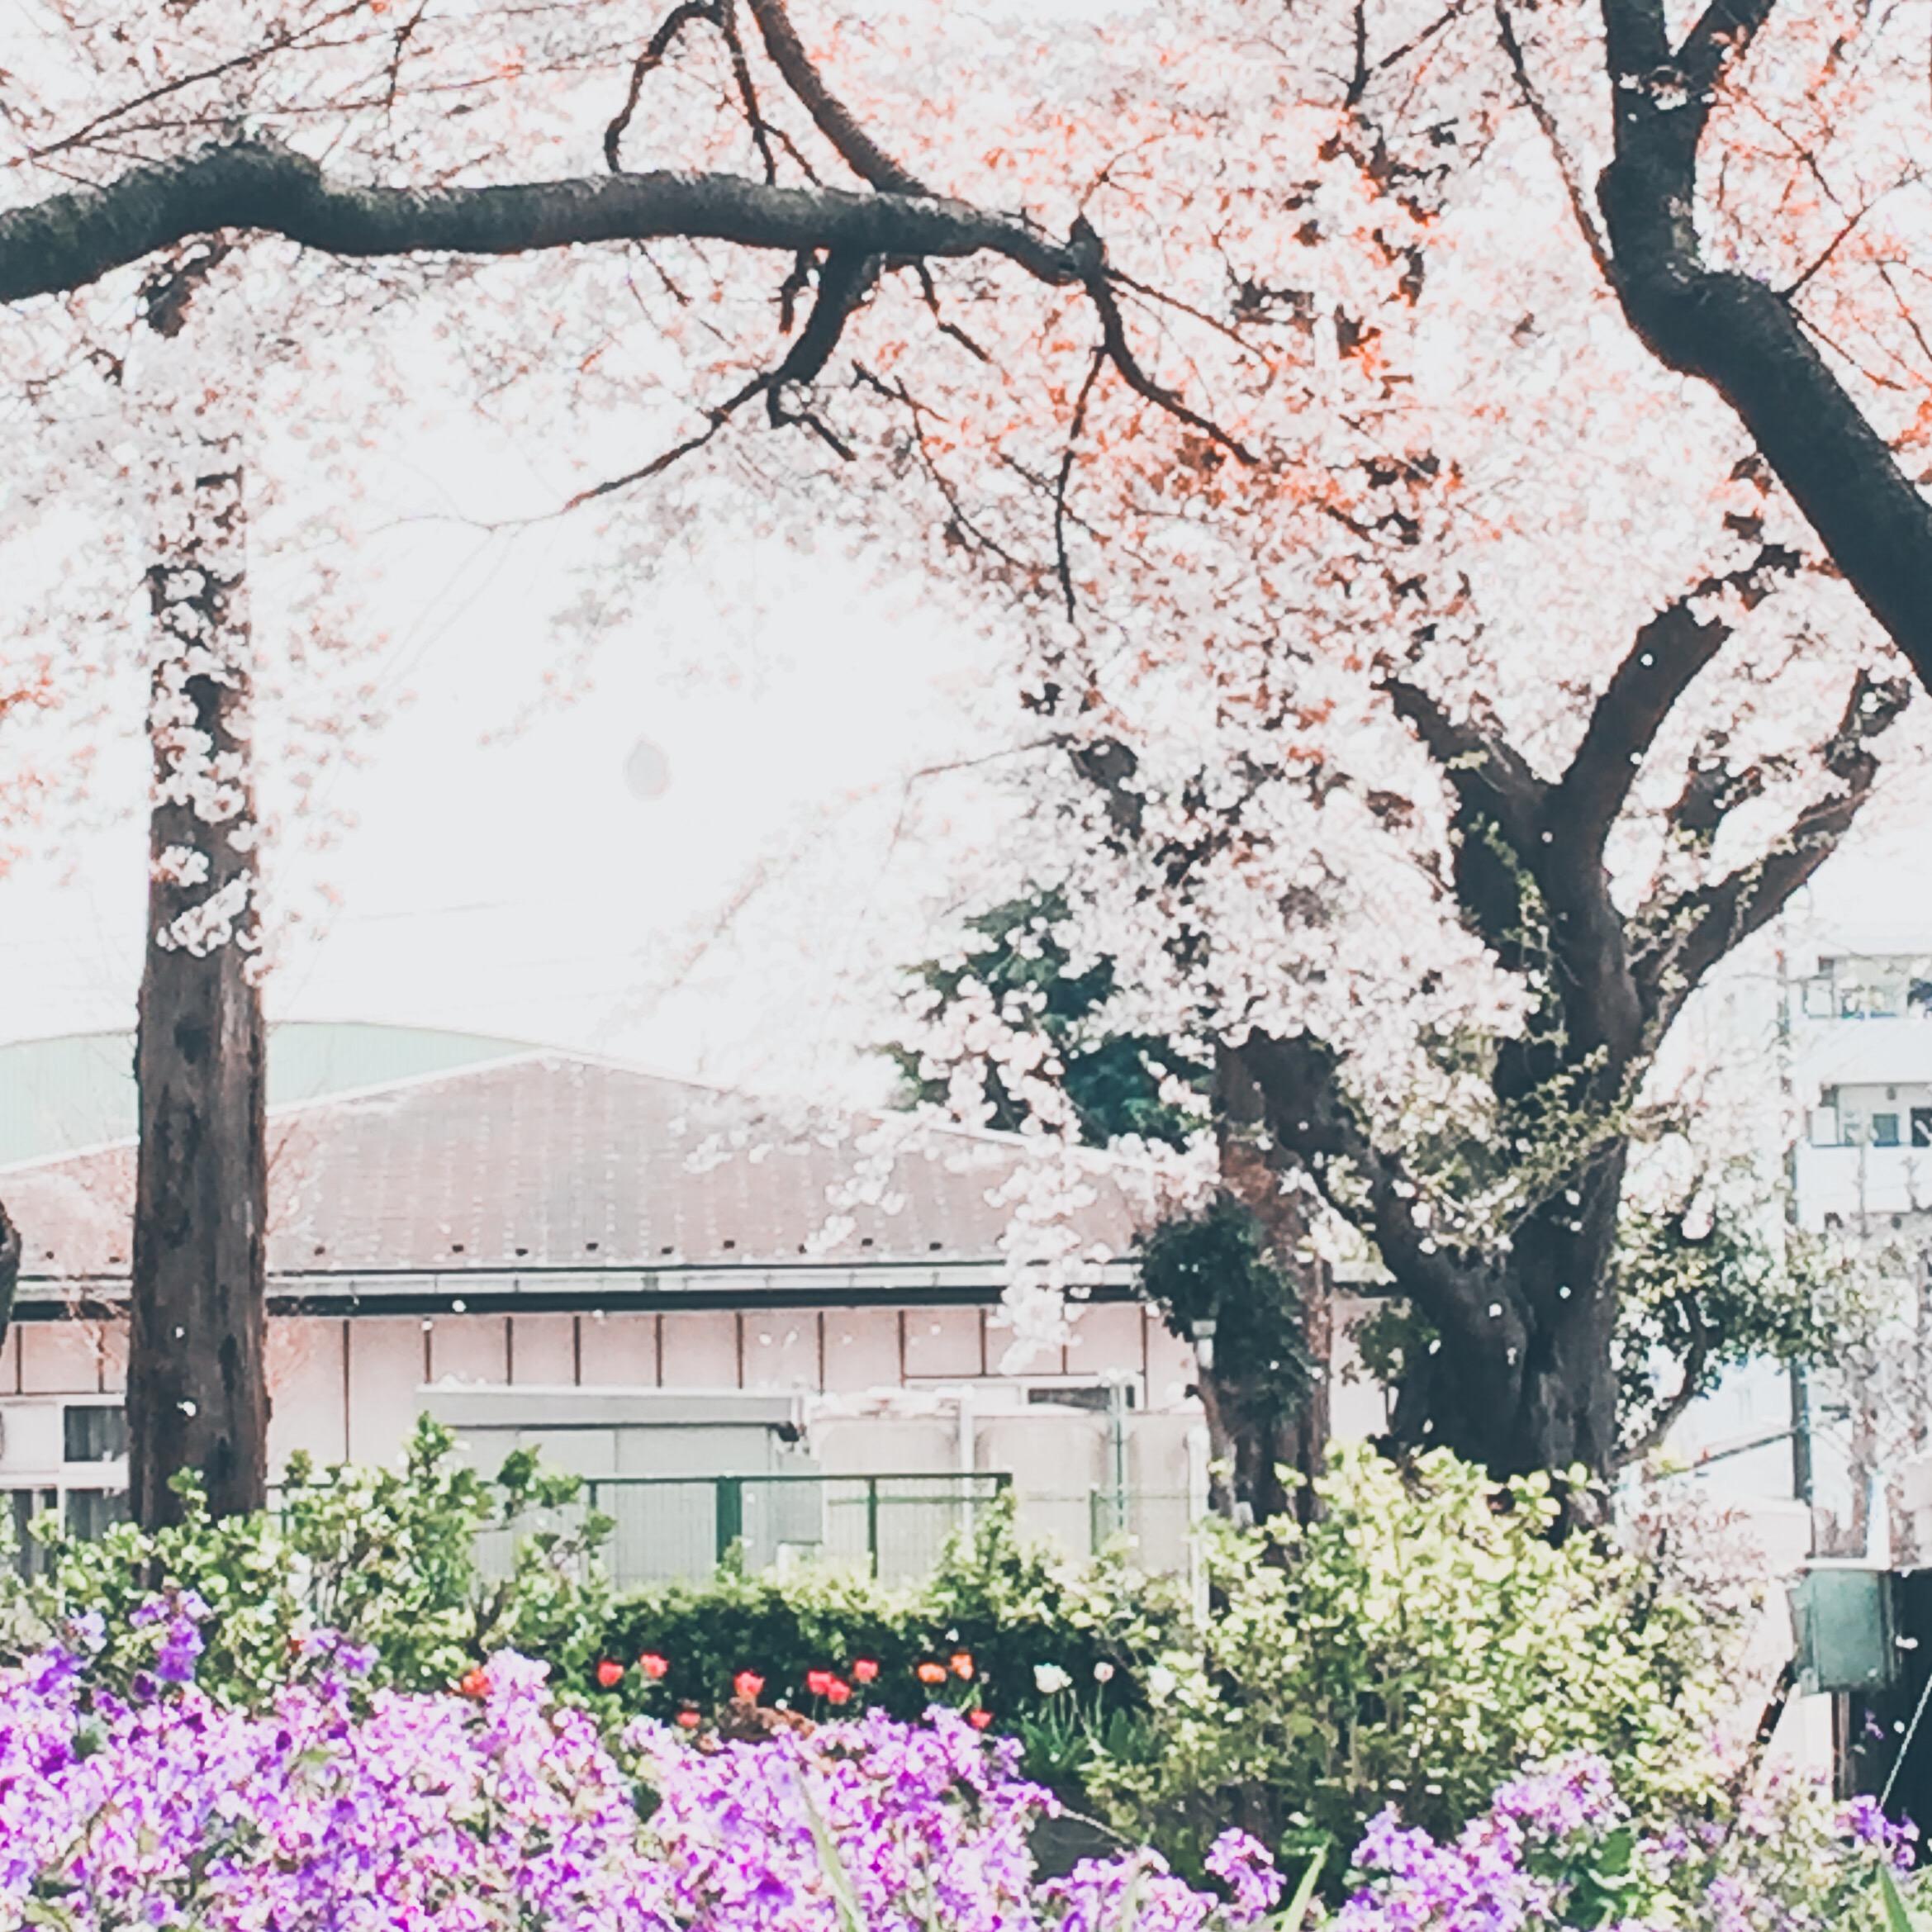 【写真の撮り方】SNSでいいね!がもらえる桜撮影のコツ PS Expressで加工した写真の例